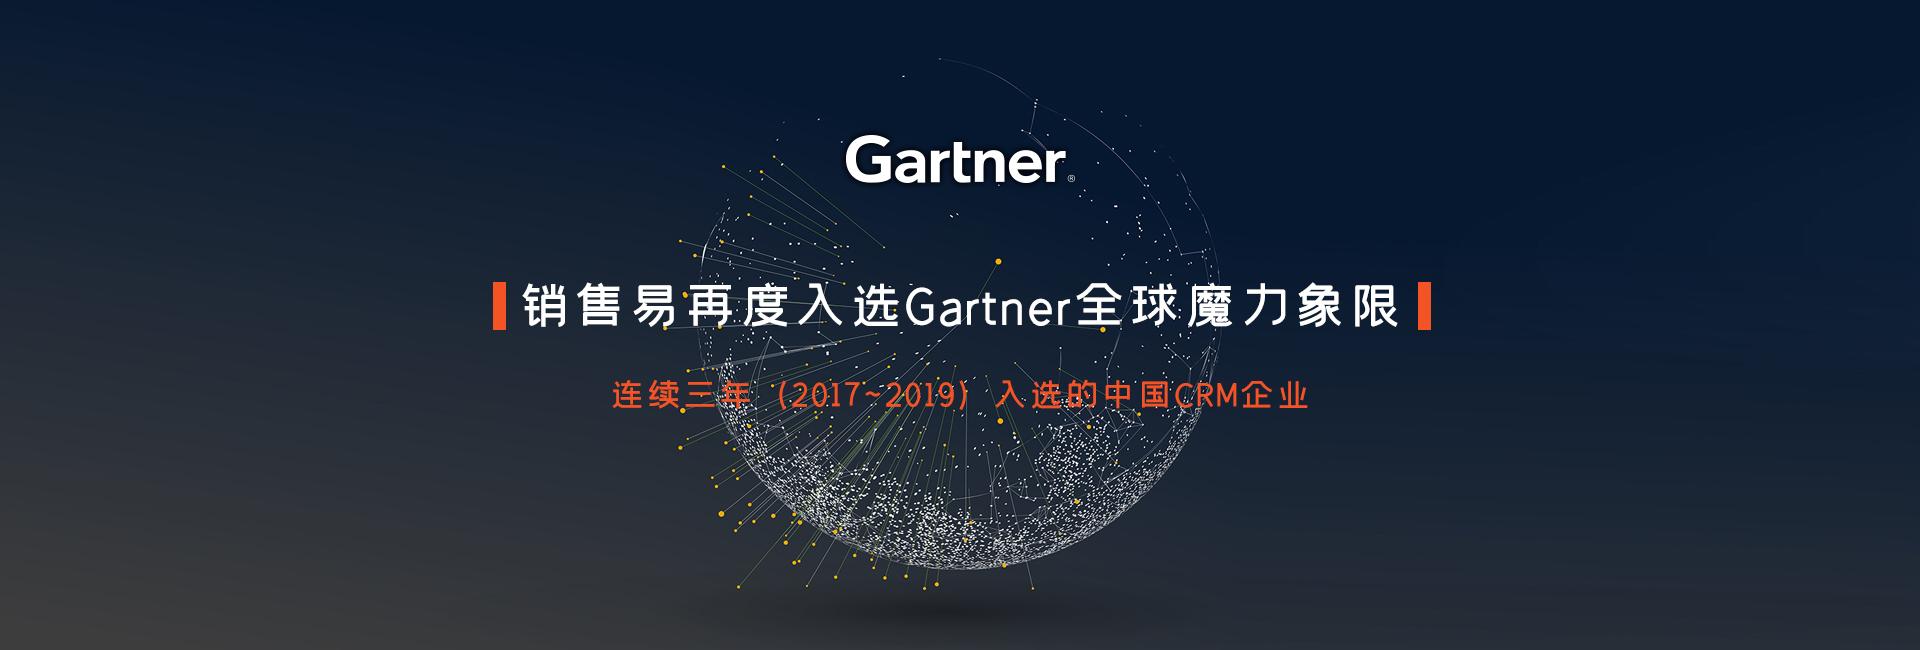 gatner2019-1920X650